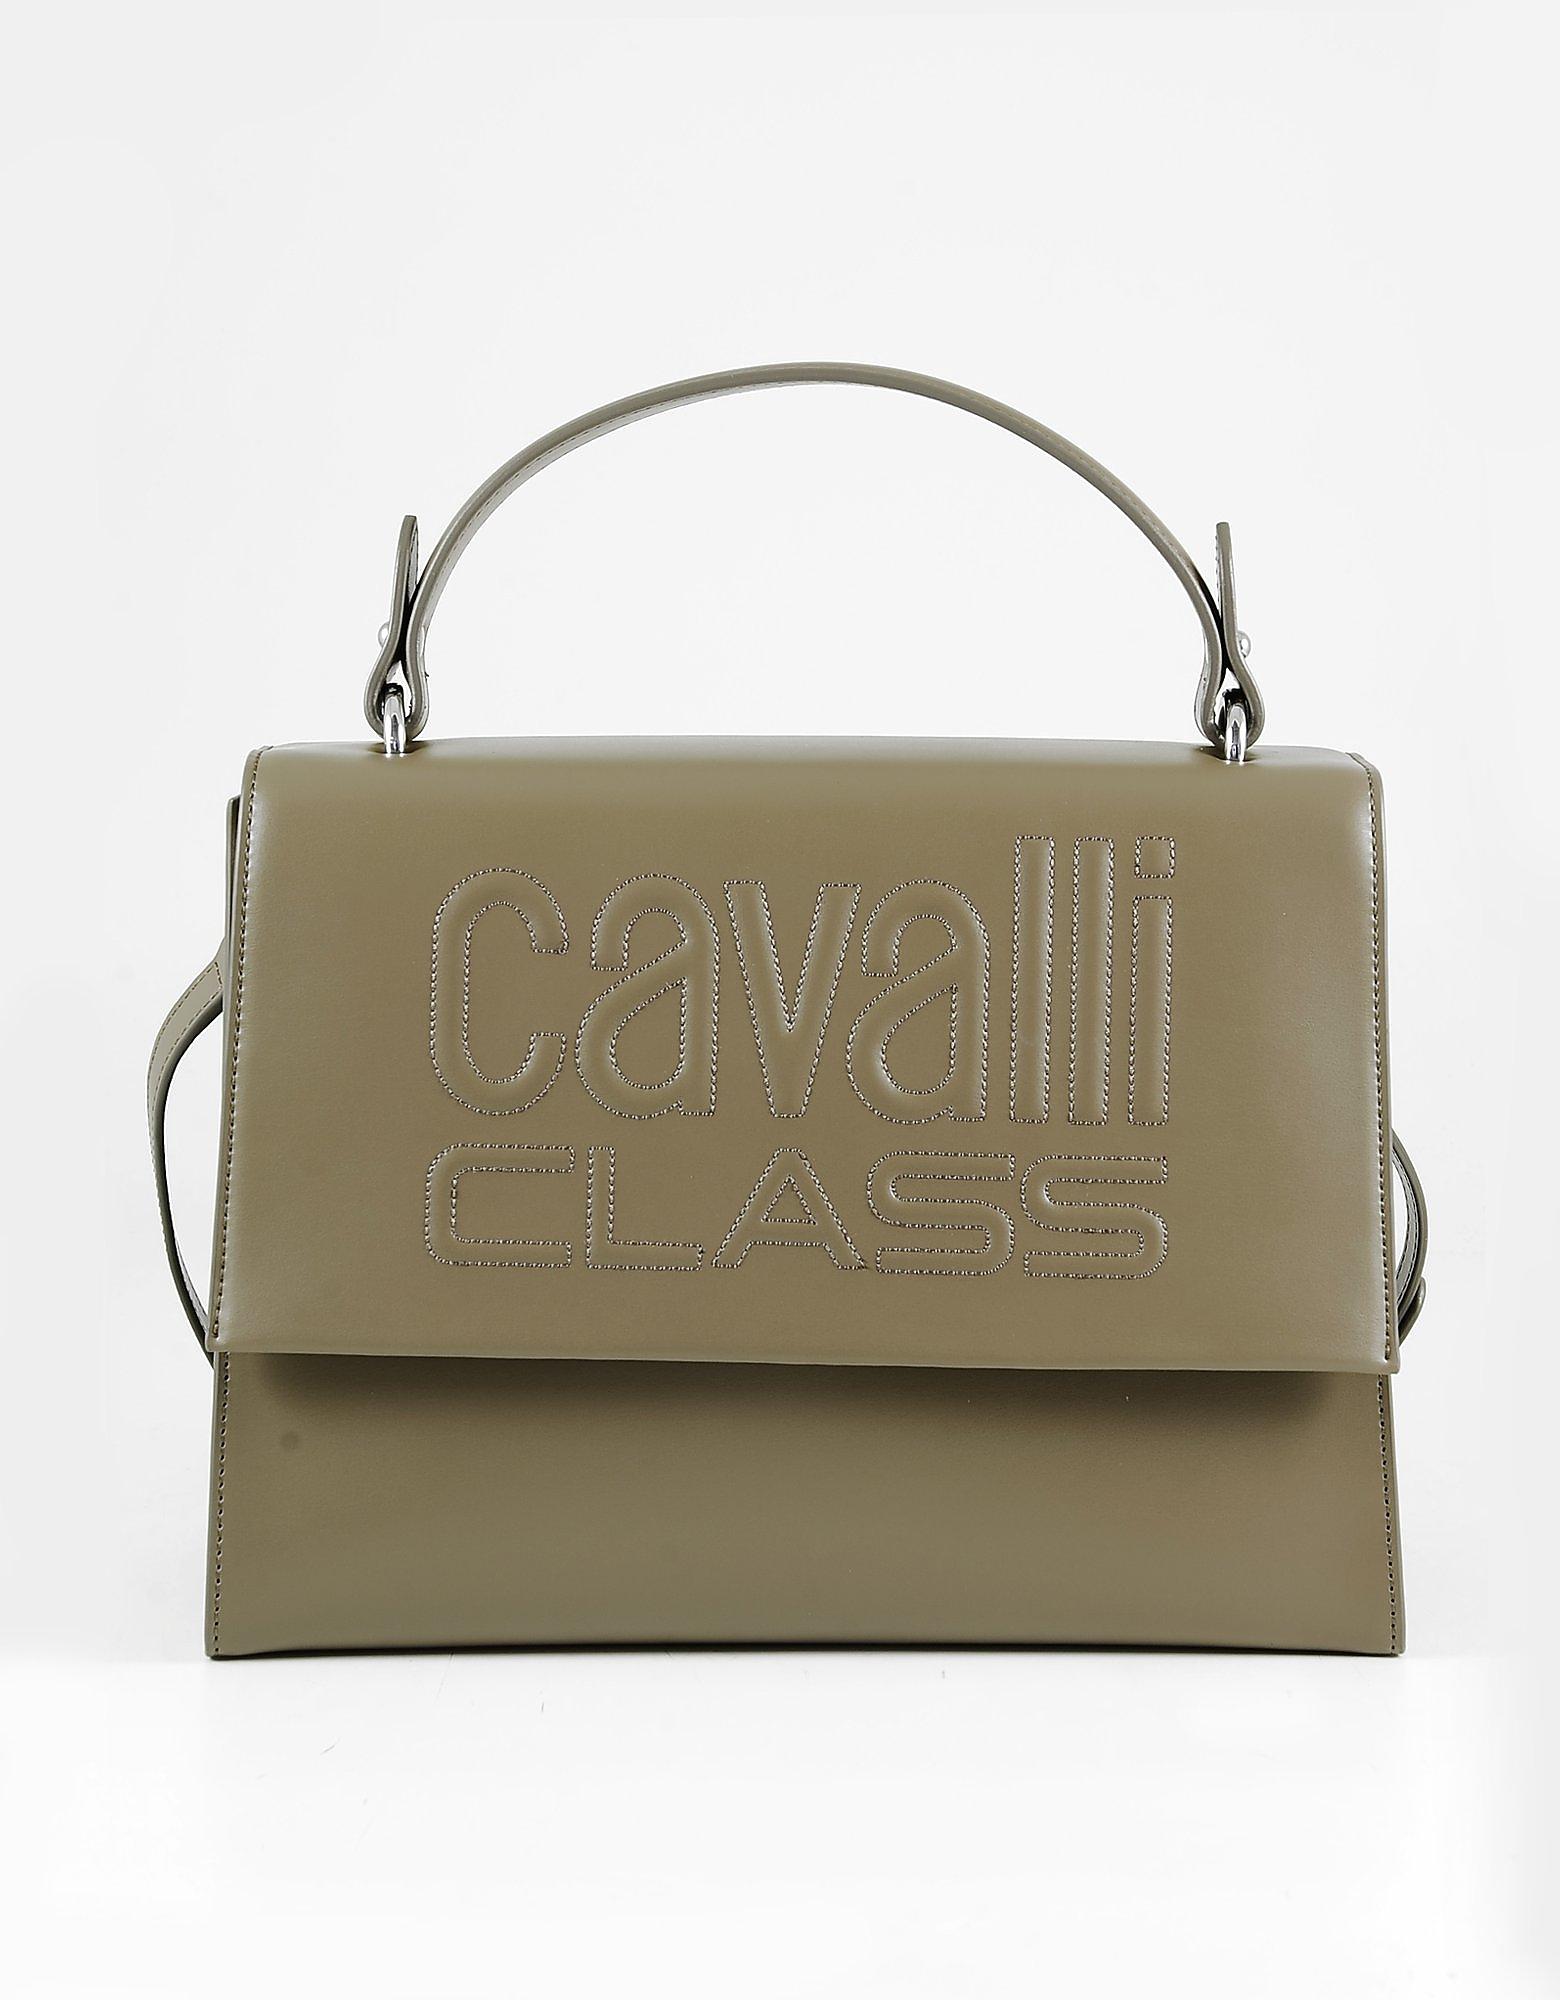 Class Roberto Cavalli Brown Top Handle Satchel Bag